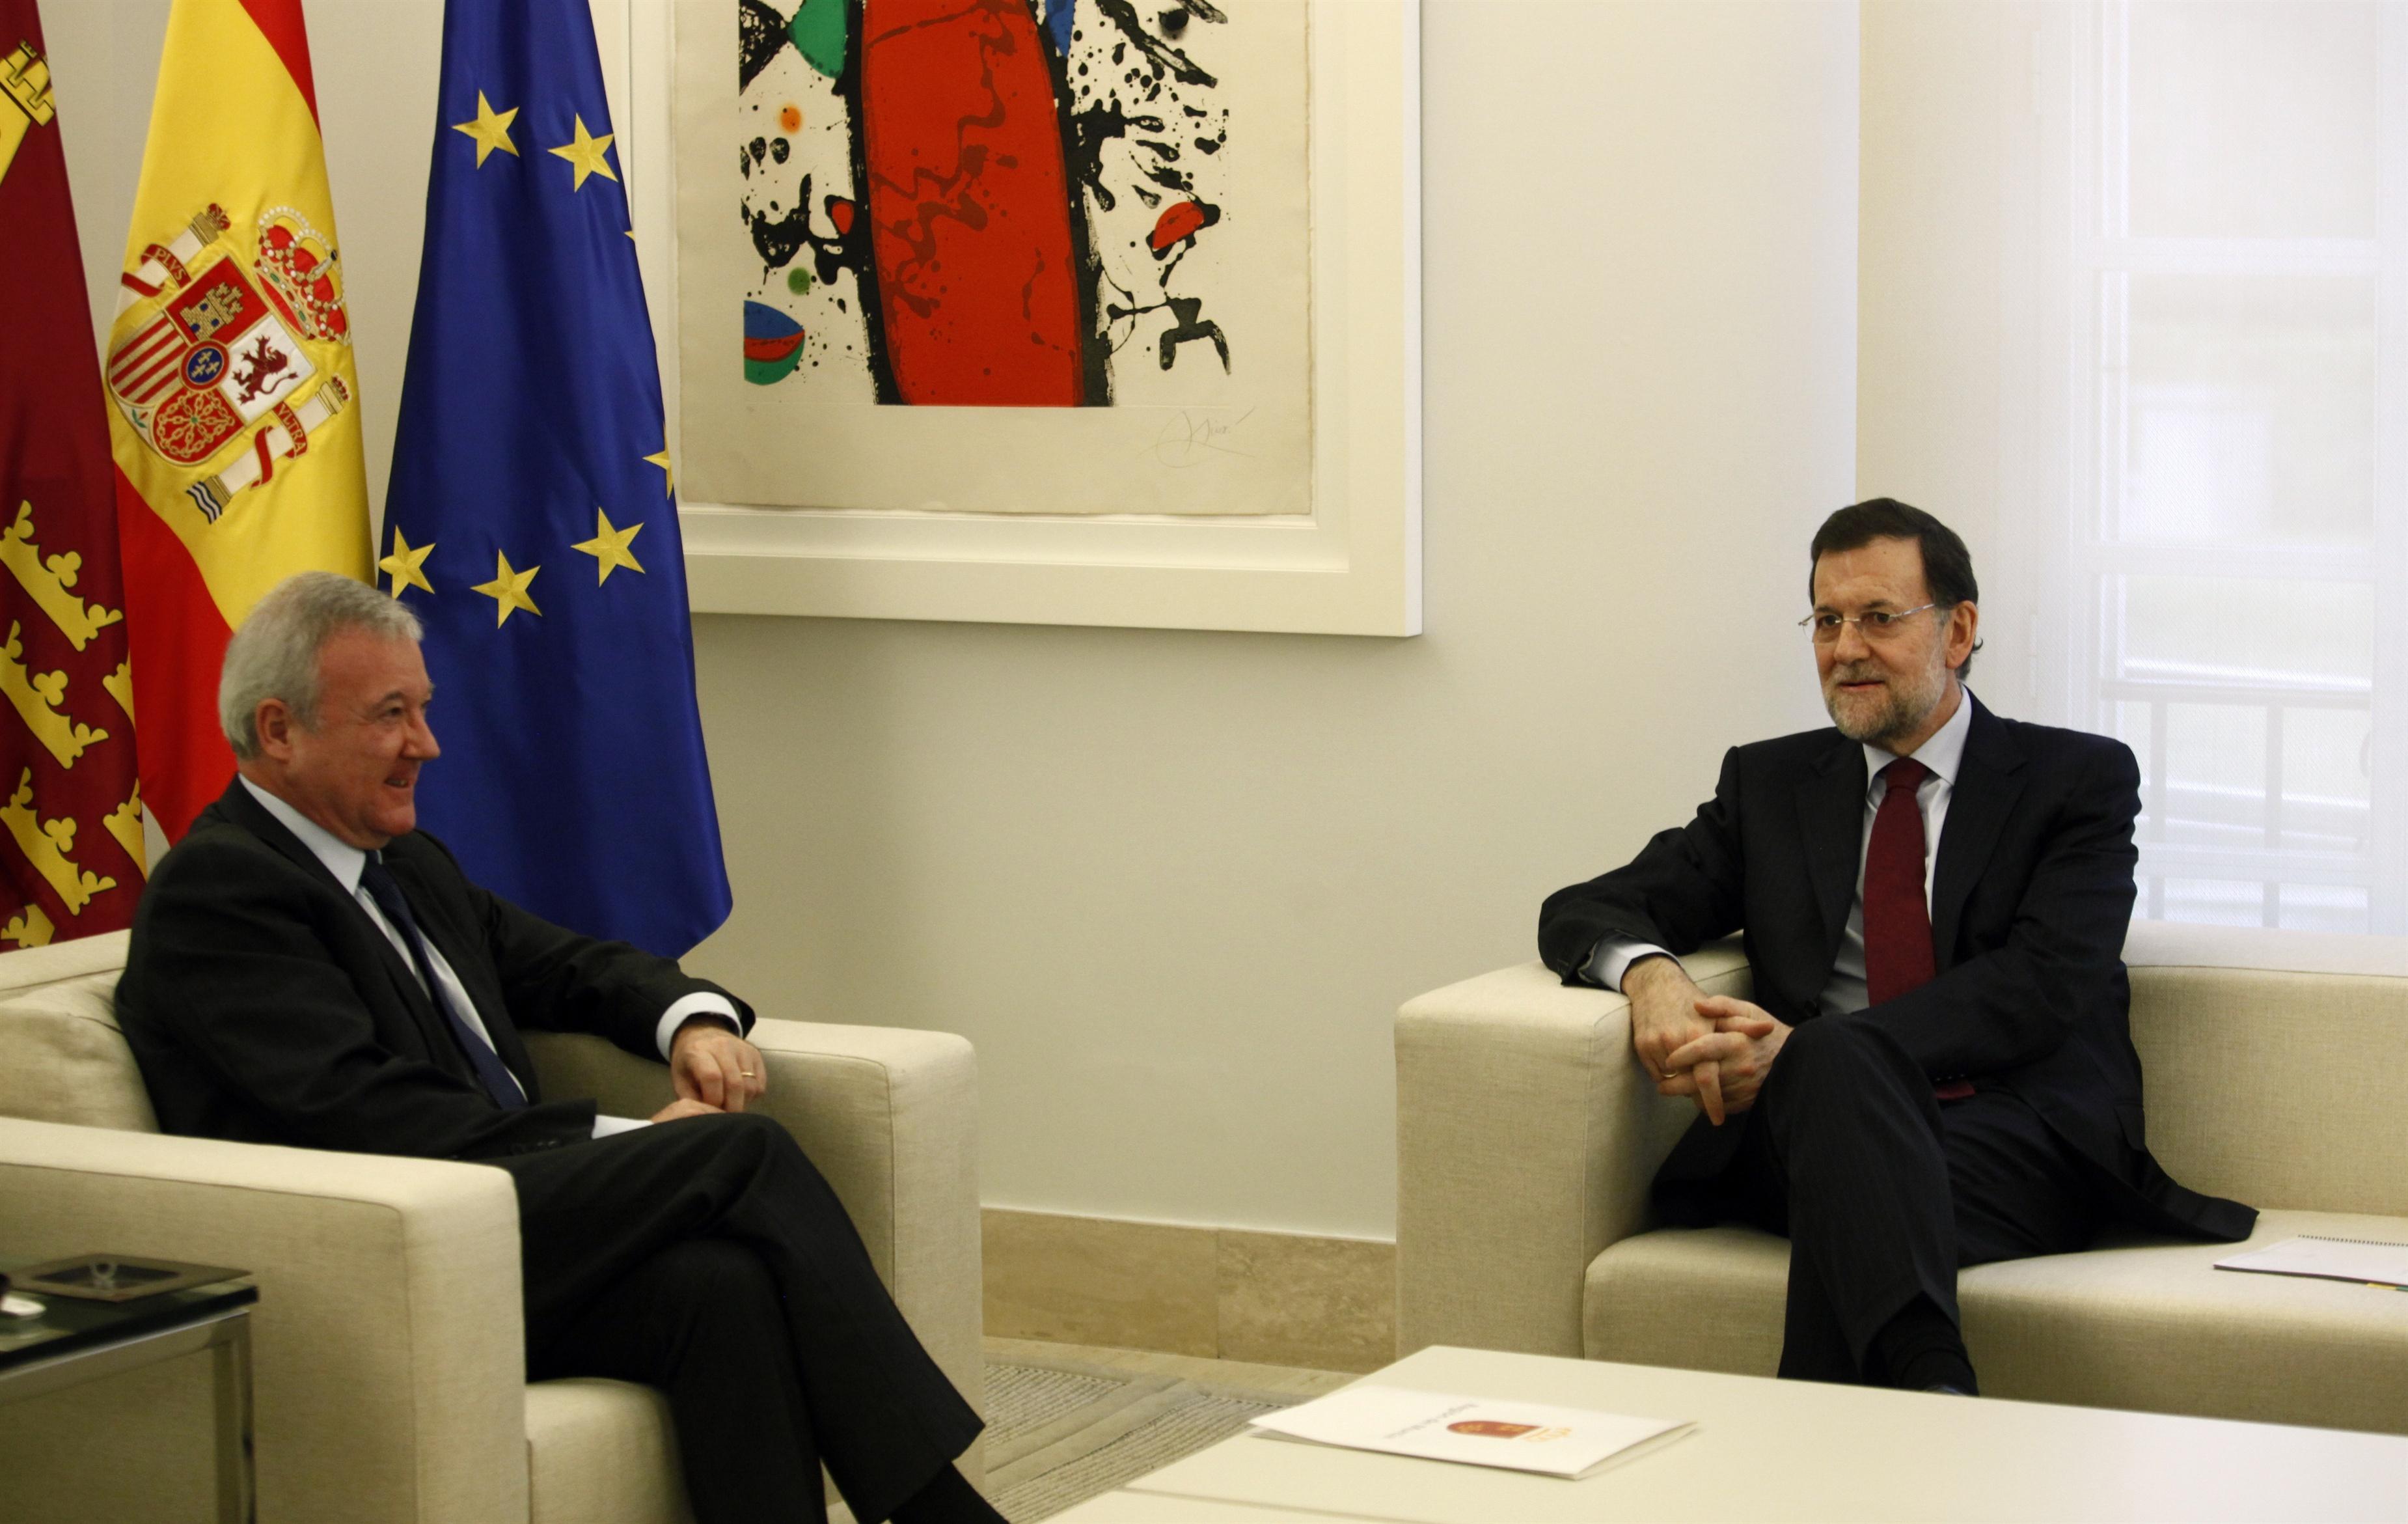 Rajoy se compromete con Valcárcel a «hacer justicia» con el nuevo modelo de financiación autonómica